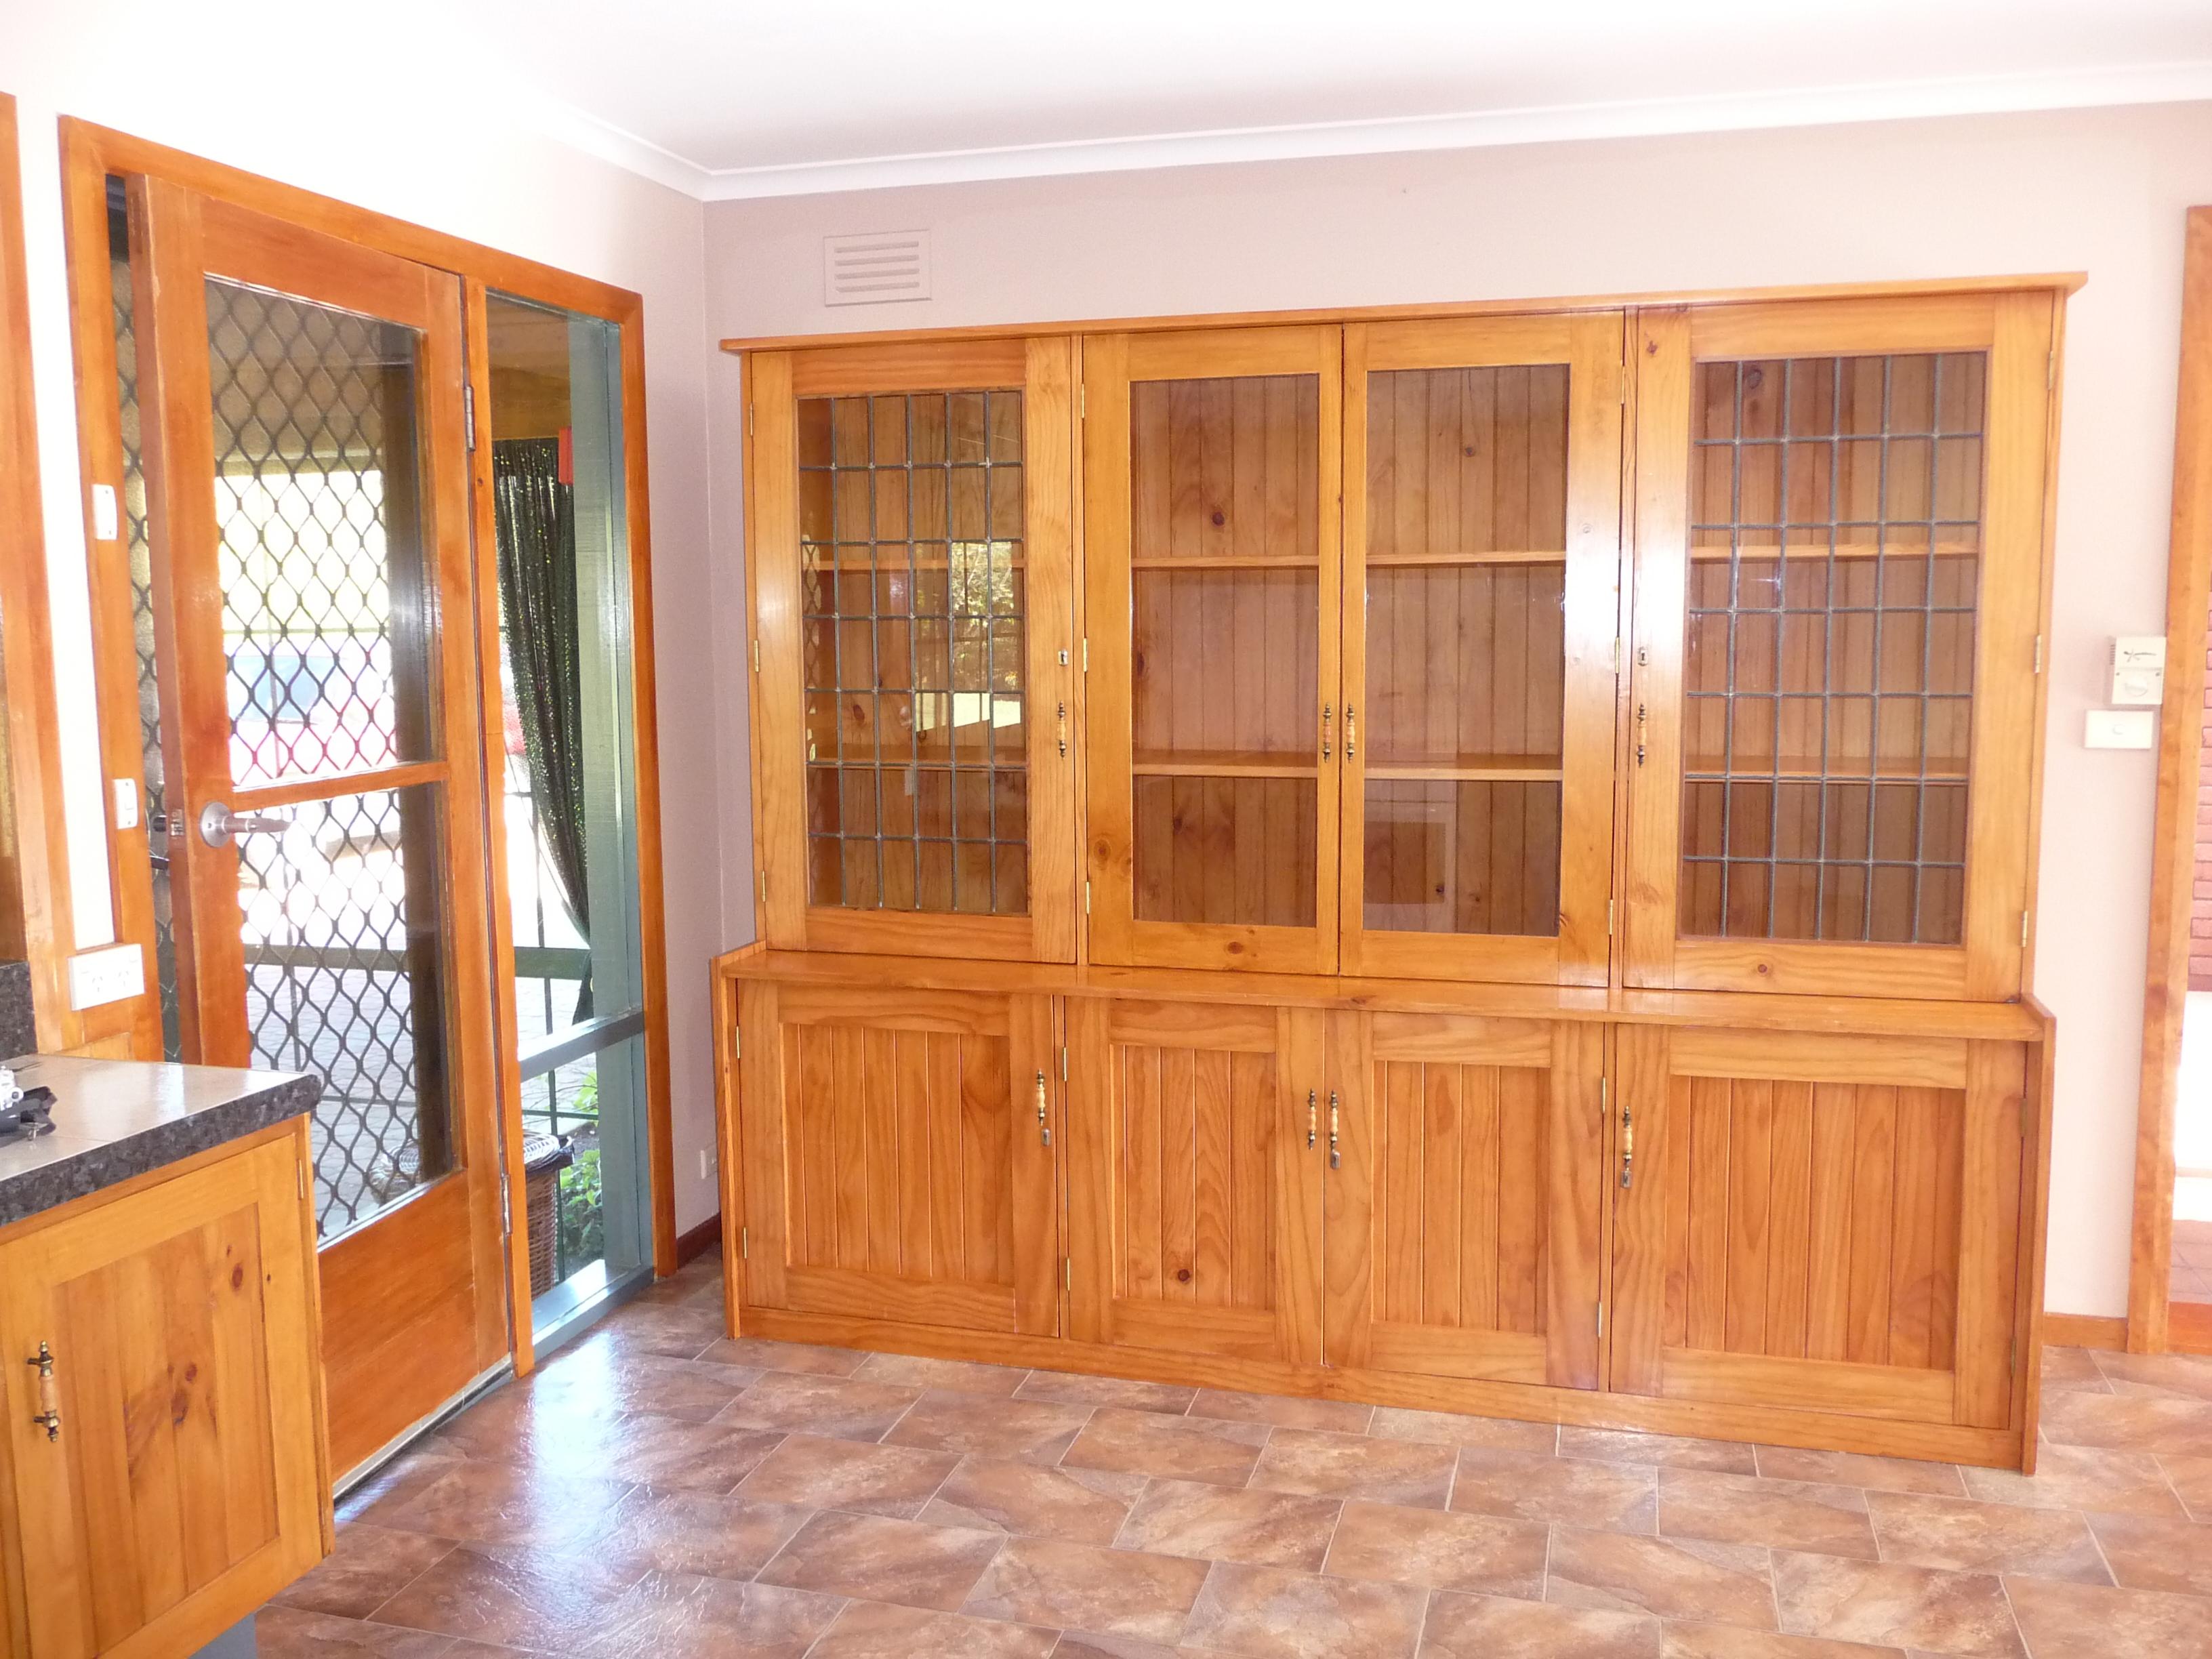 2.old kitchen